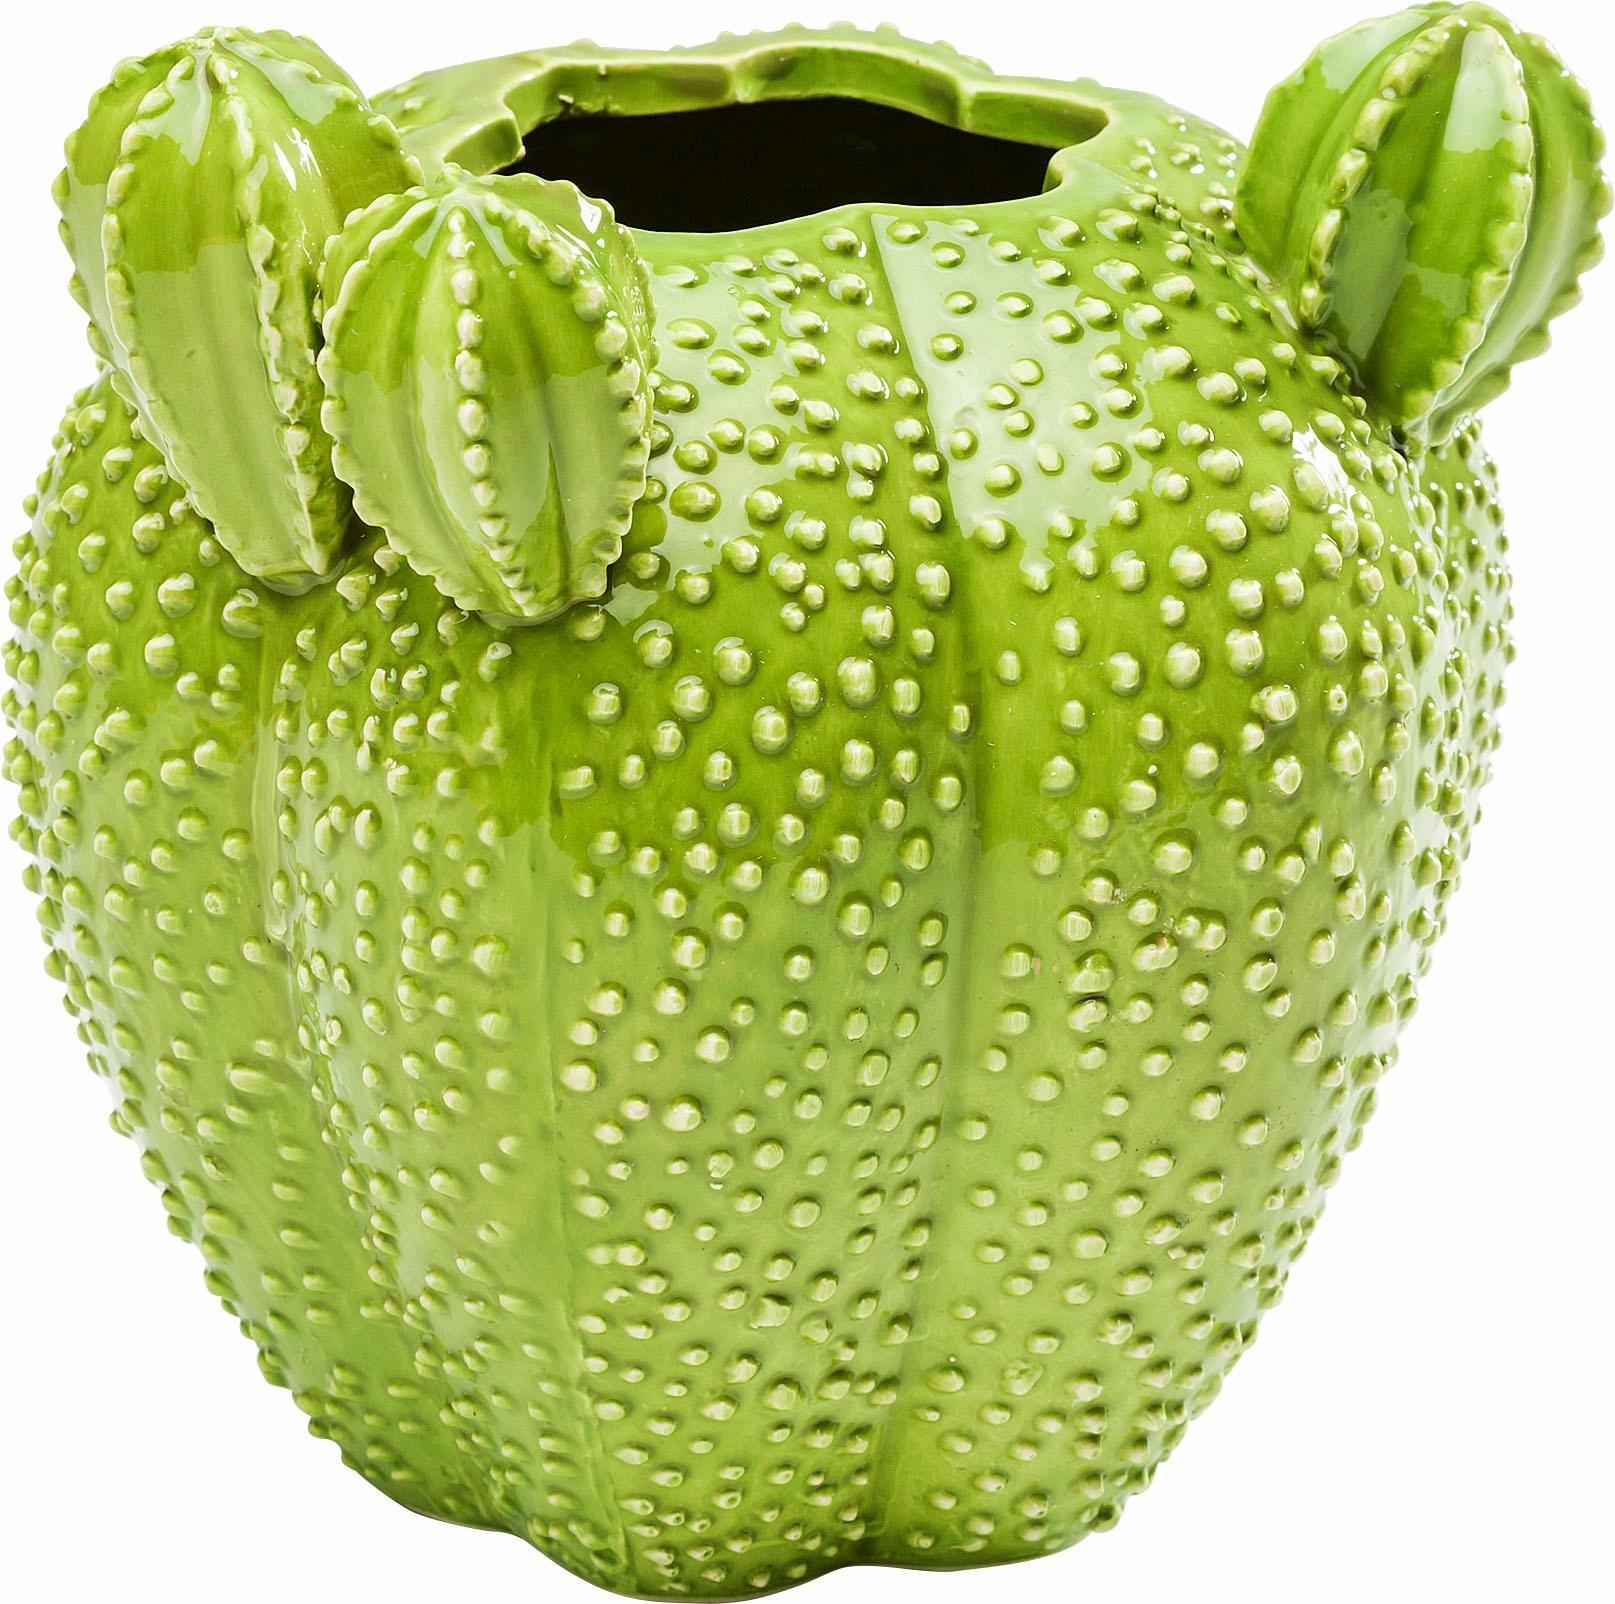 KARE Design Vase Kaktus Sting | Dekoration > Vasen > Tischvasen | Grün | KARE DESIGN